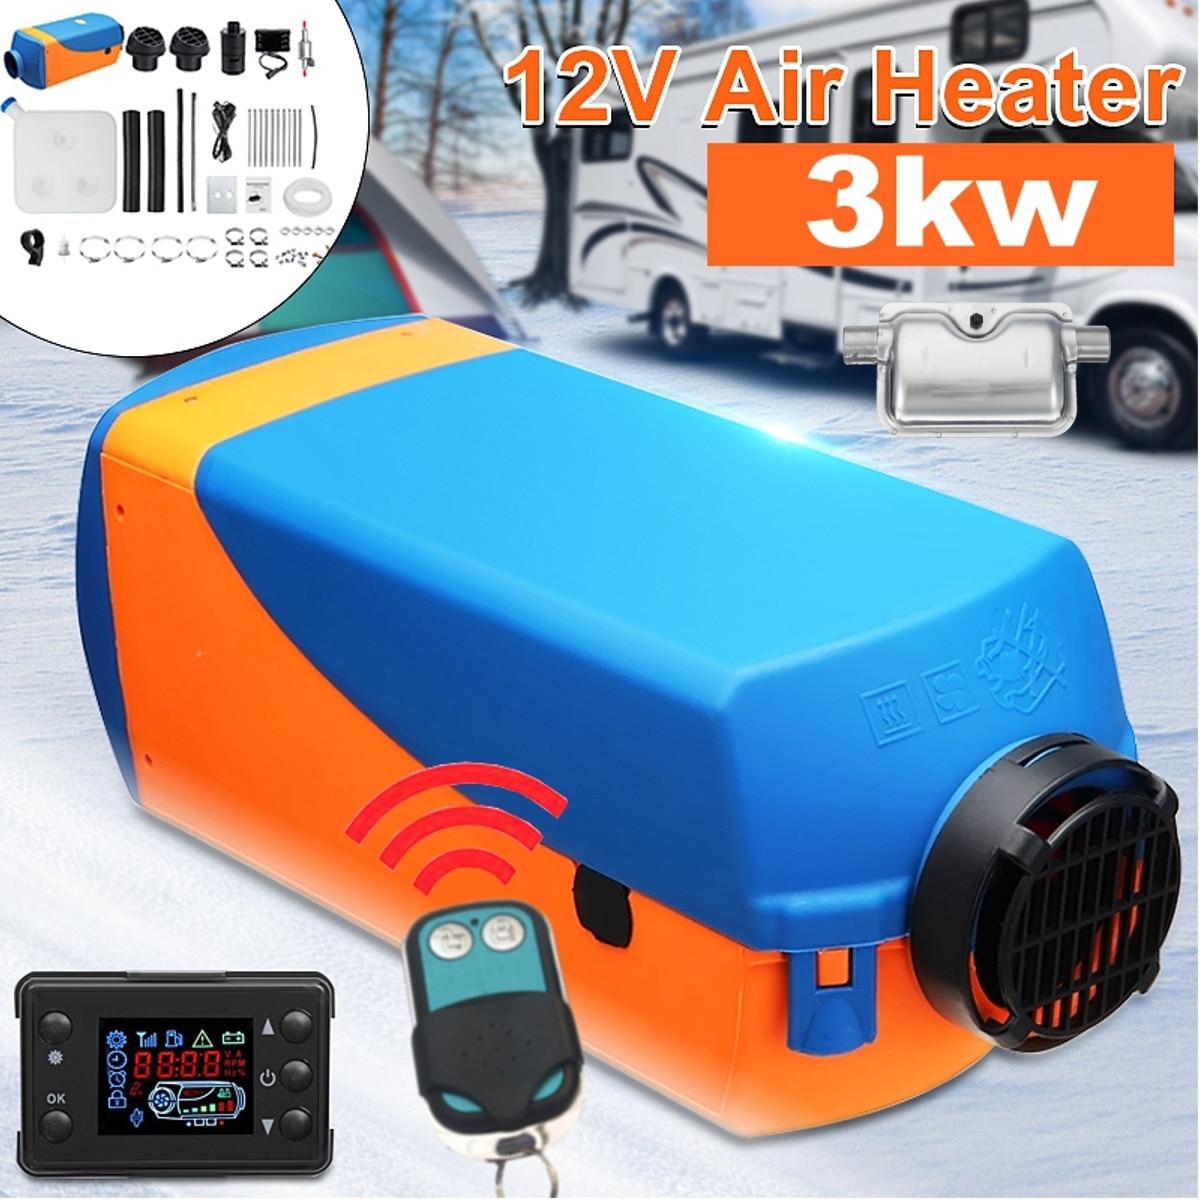 12 V 3KW Air Diesels Chauffe Parking réchauffeur d'air Avec Télécommande LCD affichage numérique pour Bateau Camping-Car Remorque Silencieux Pour Livraison